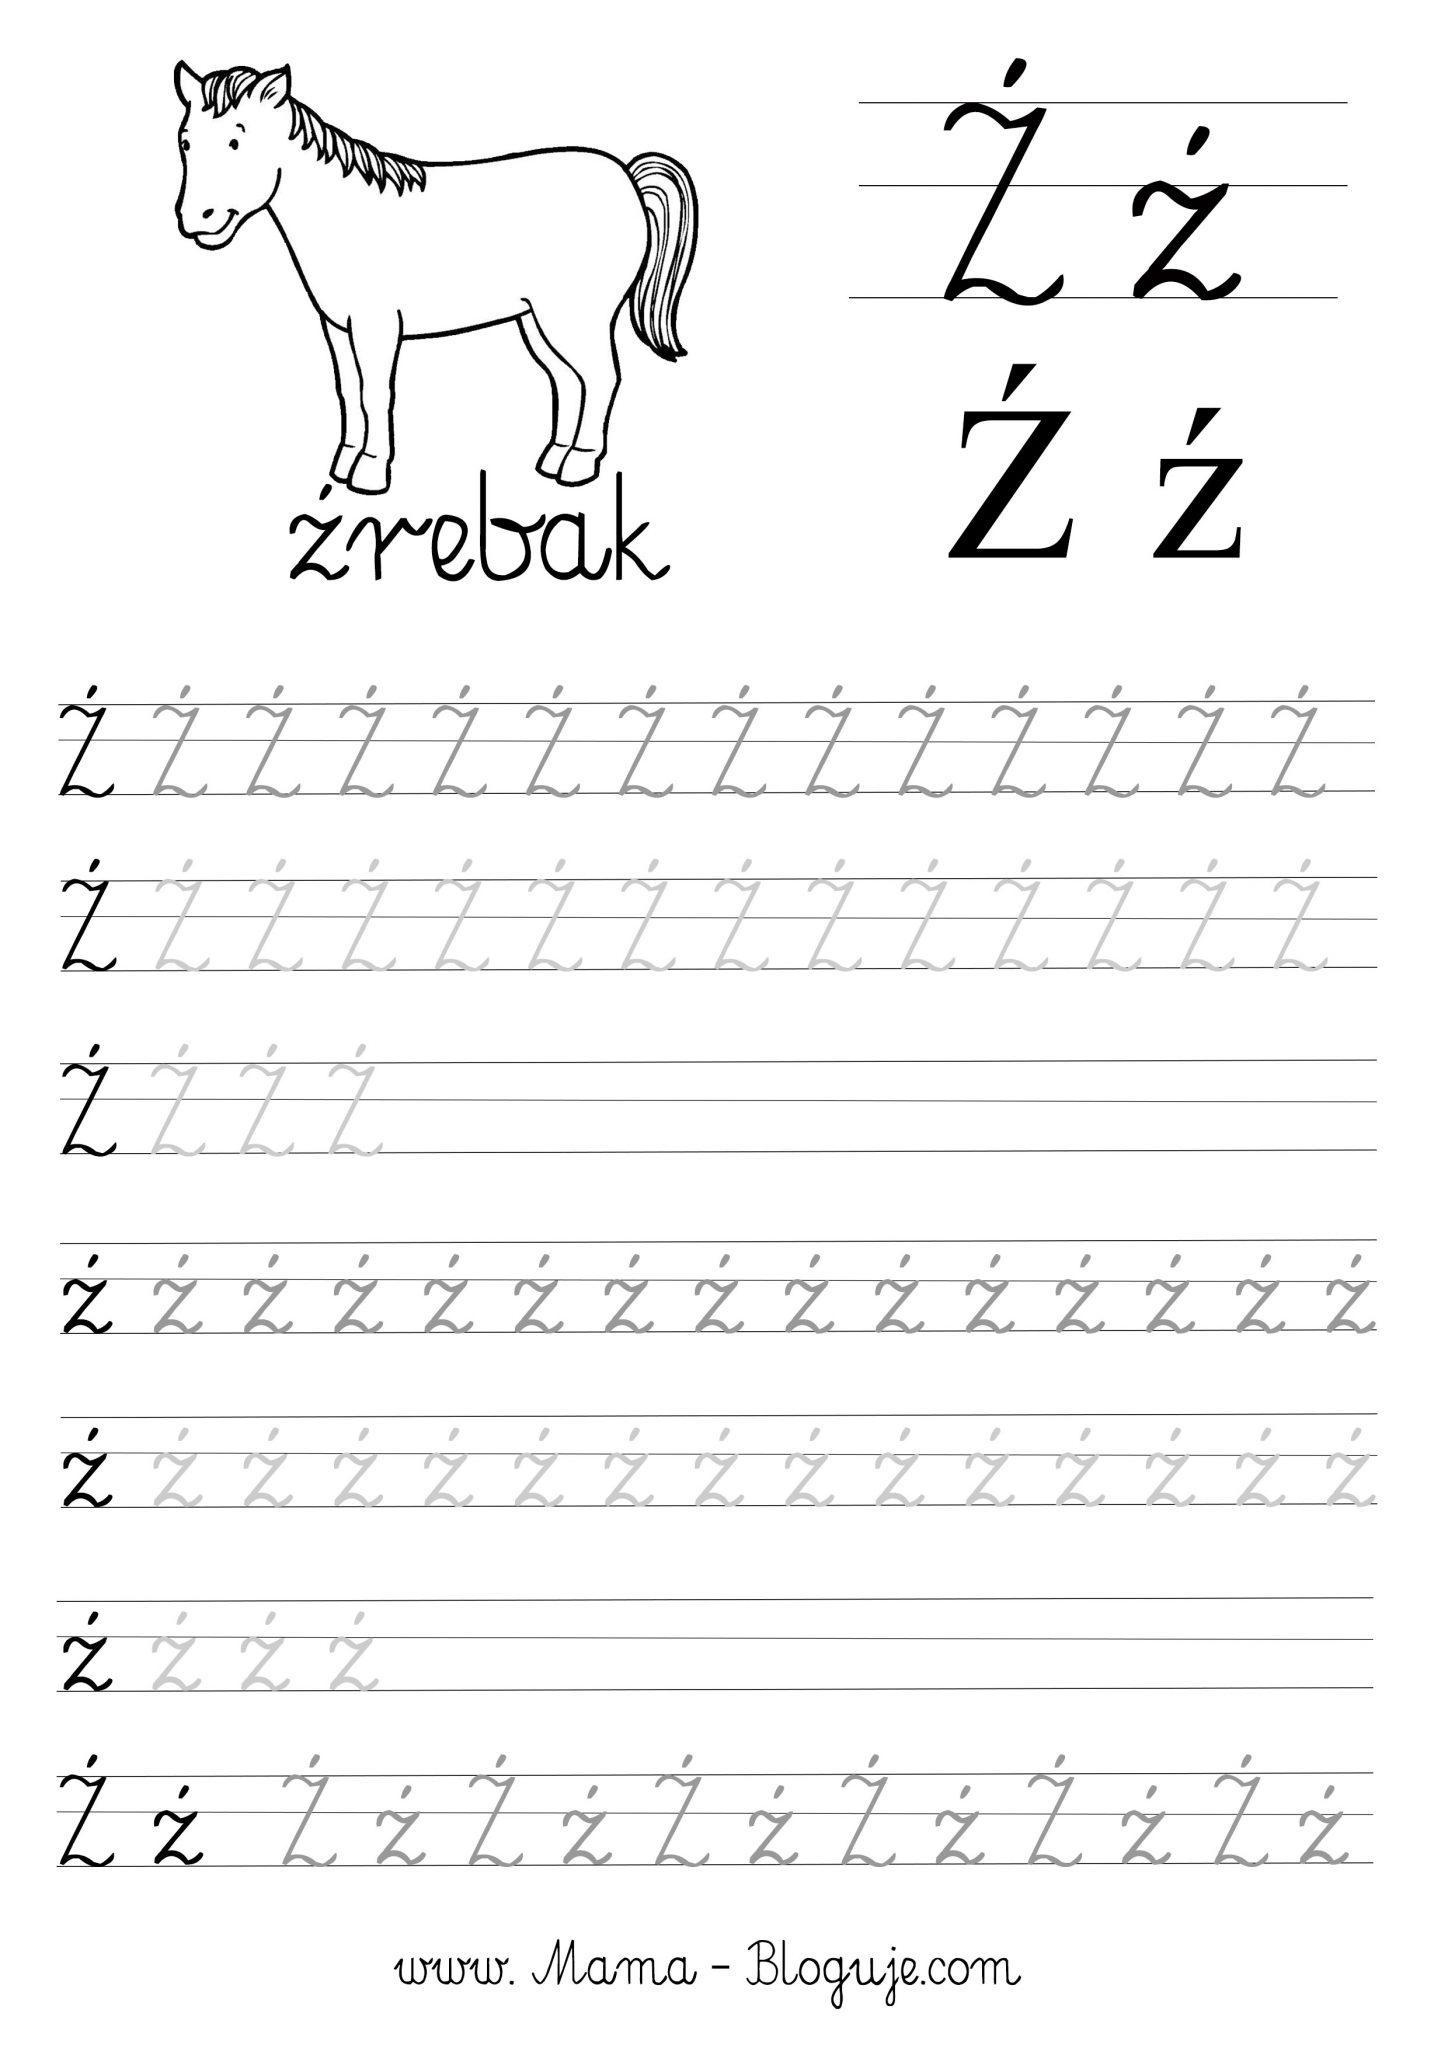 Literka zzz nauka pisania - SZABLONY DO NAUKI PISANIA - 🇵🇱 POLSKIE LITERKI - CZ.3 - DO POBRANIA